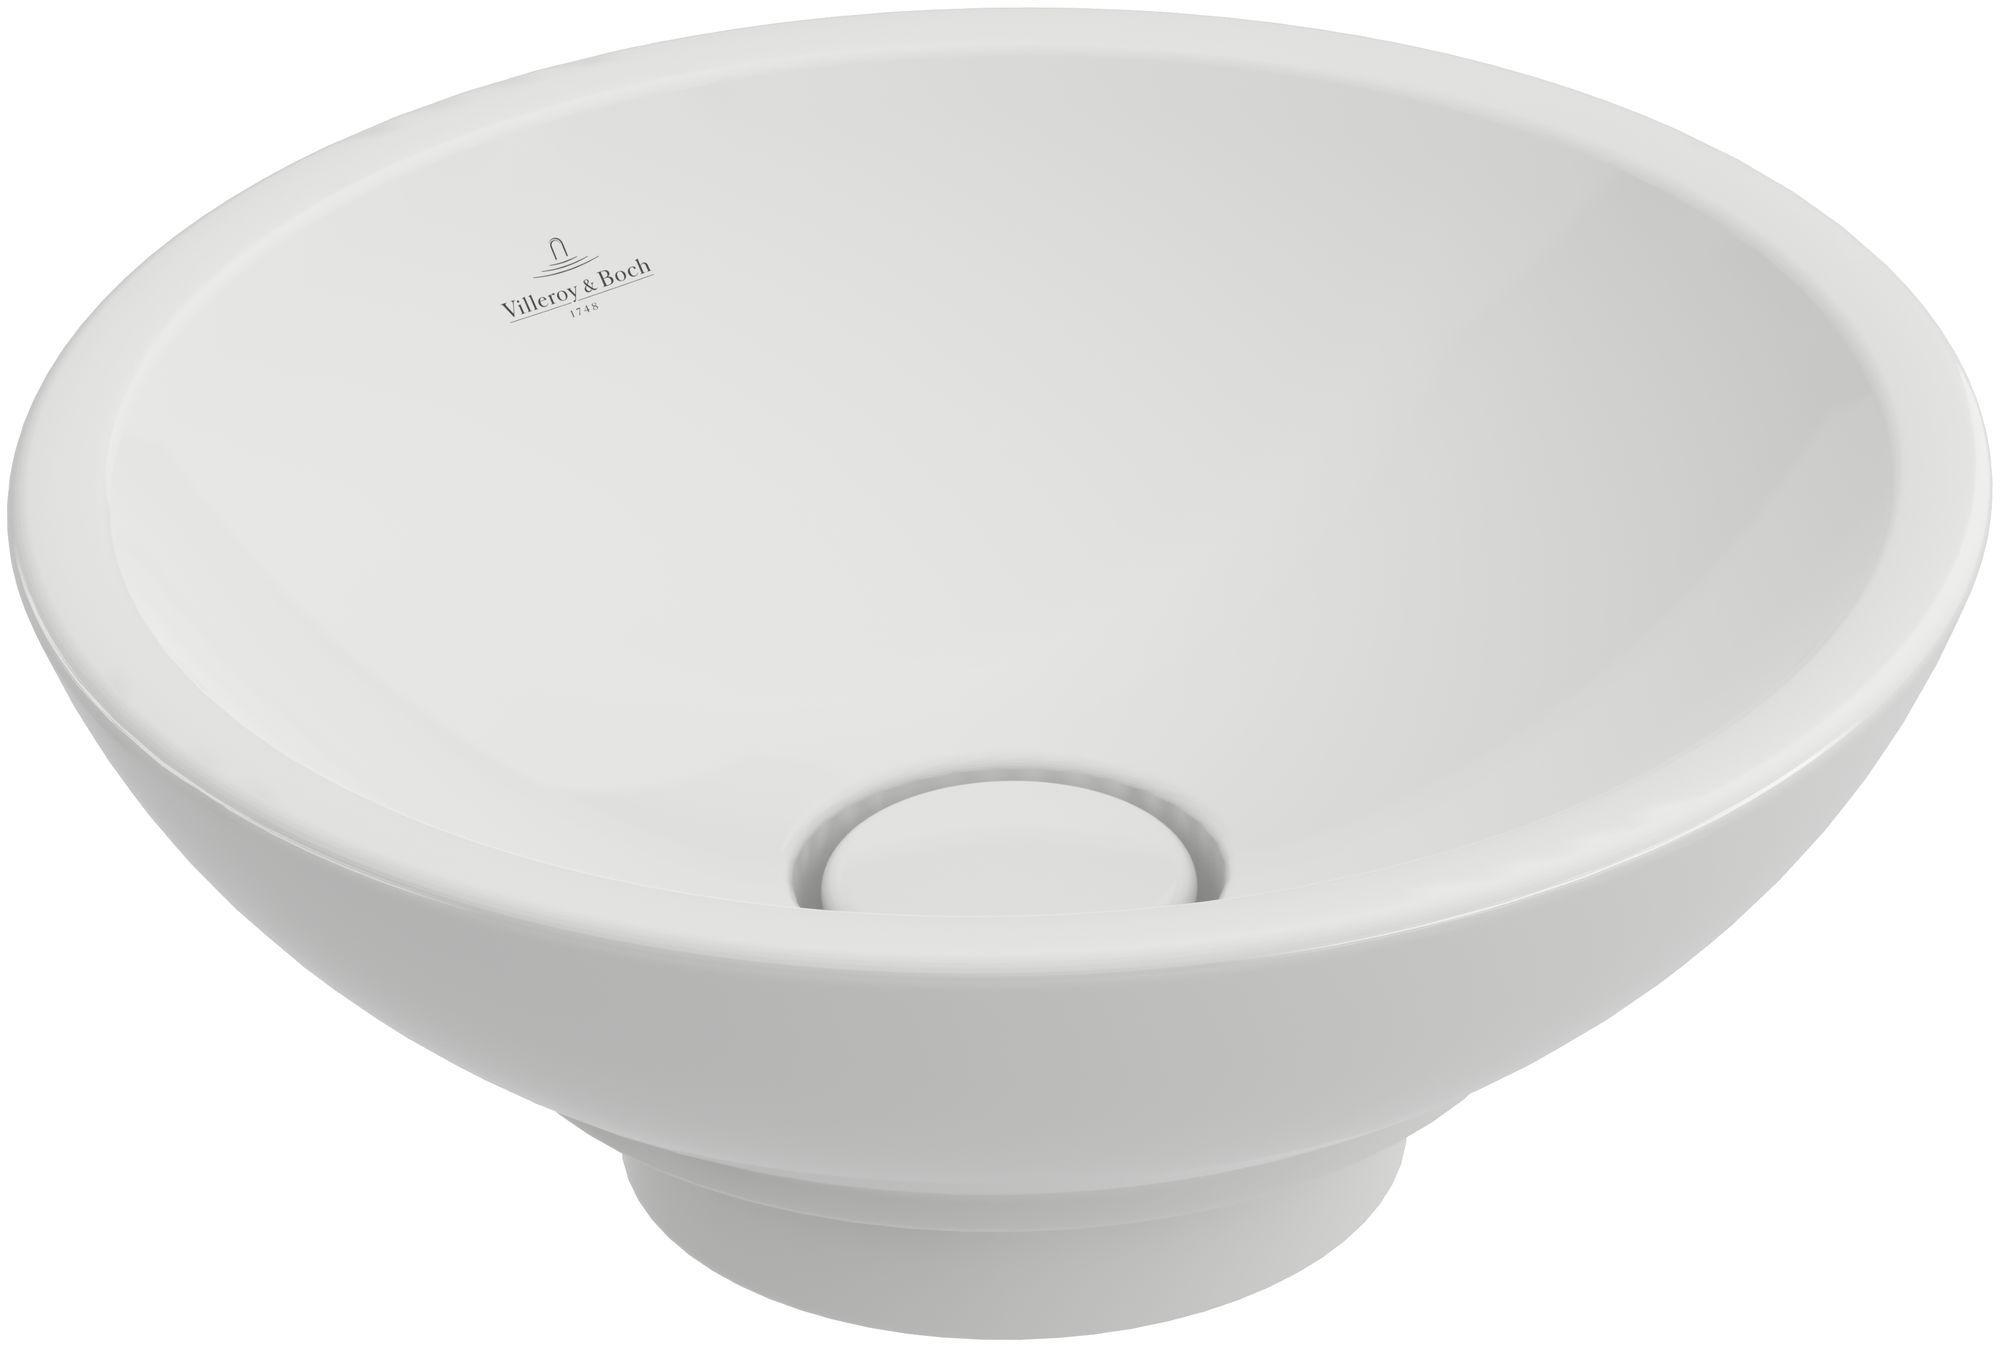 Villeroy & Boch Loop & Friends Aufsatzwaschtisch rund DM:38xH: 11cm ohne Hahnloch mit Überlauf weiß mit Ceramicplus 514800R1